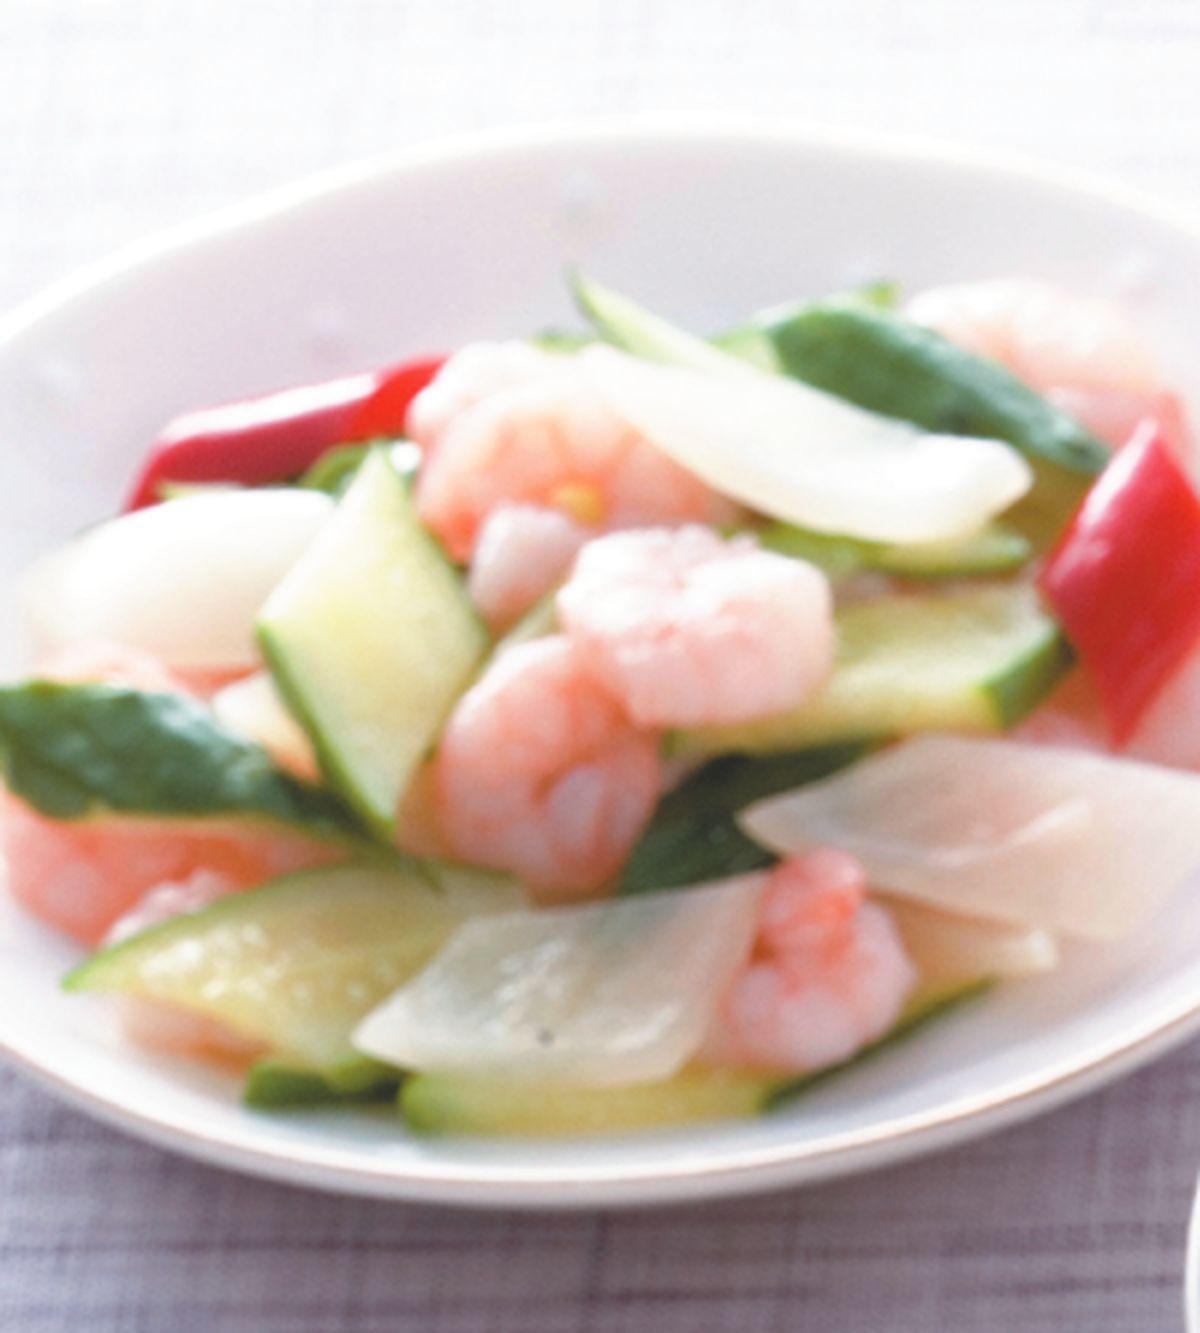 食譜:黃瓜炒蝦仁